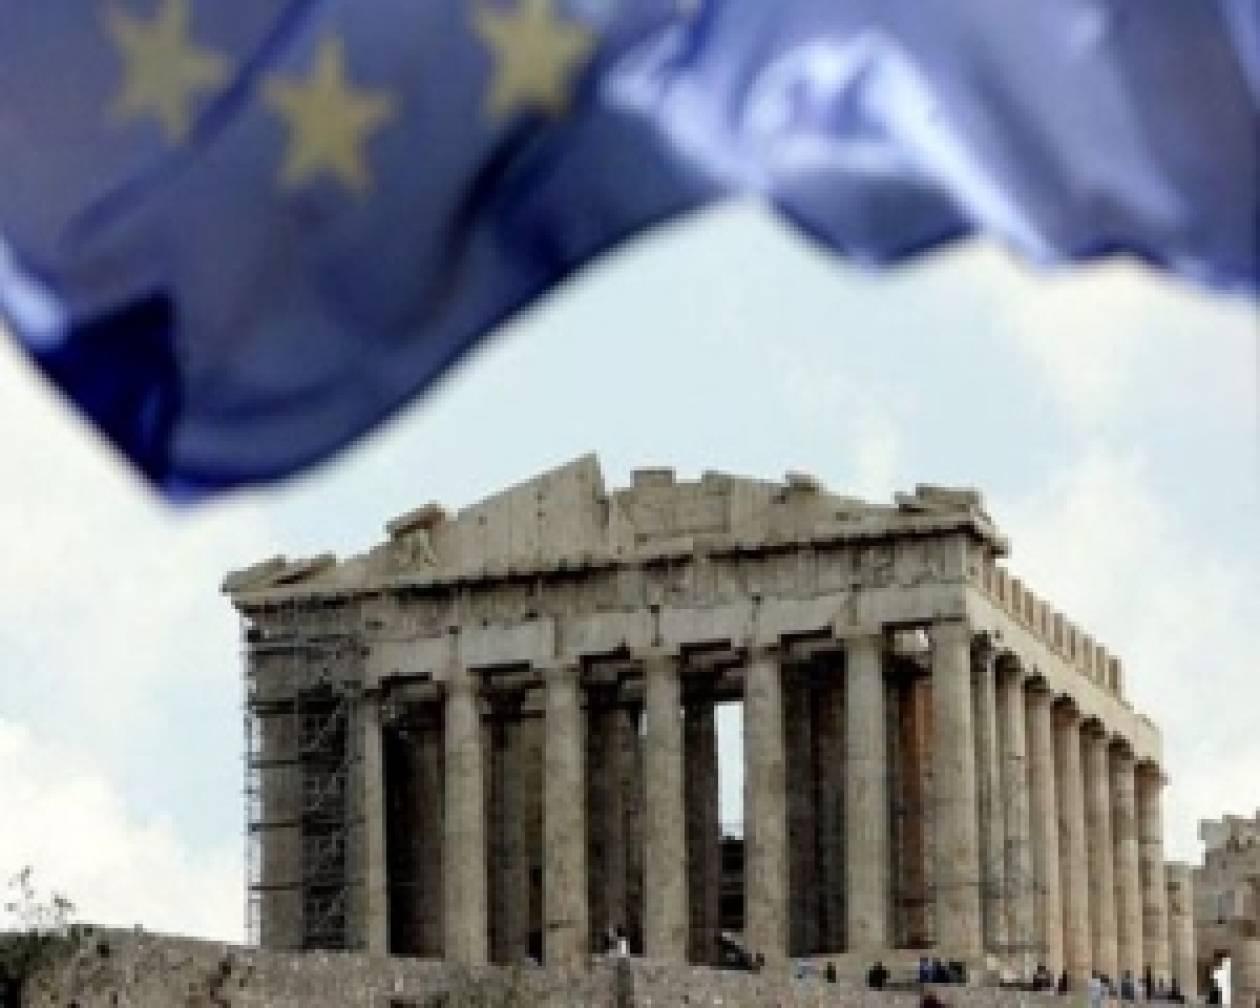 Η Ελλάδα πρώτο θέμα στα διεθνή ΜΜΕ